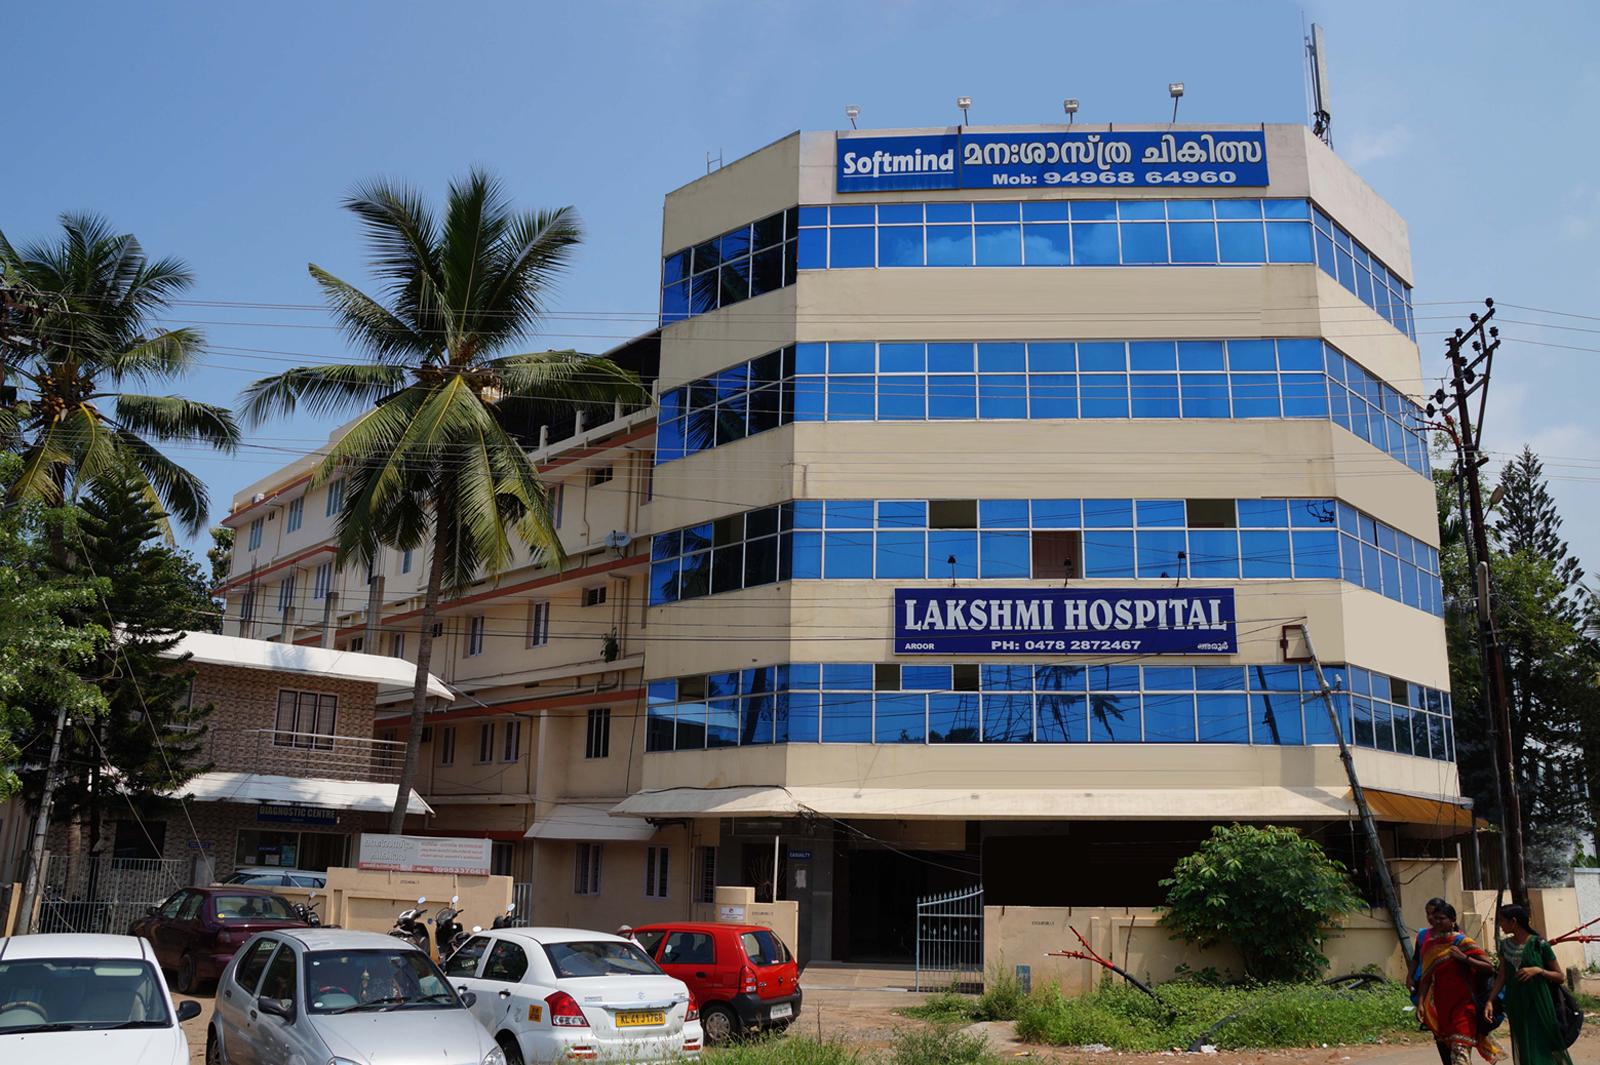 Lakshmi Hospital Image